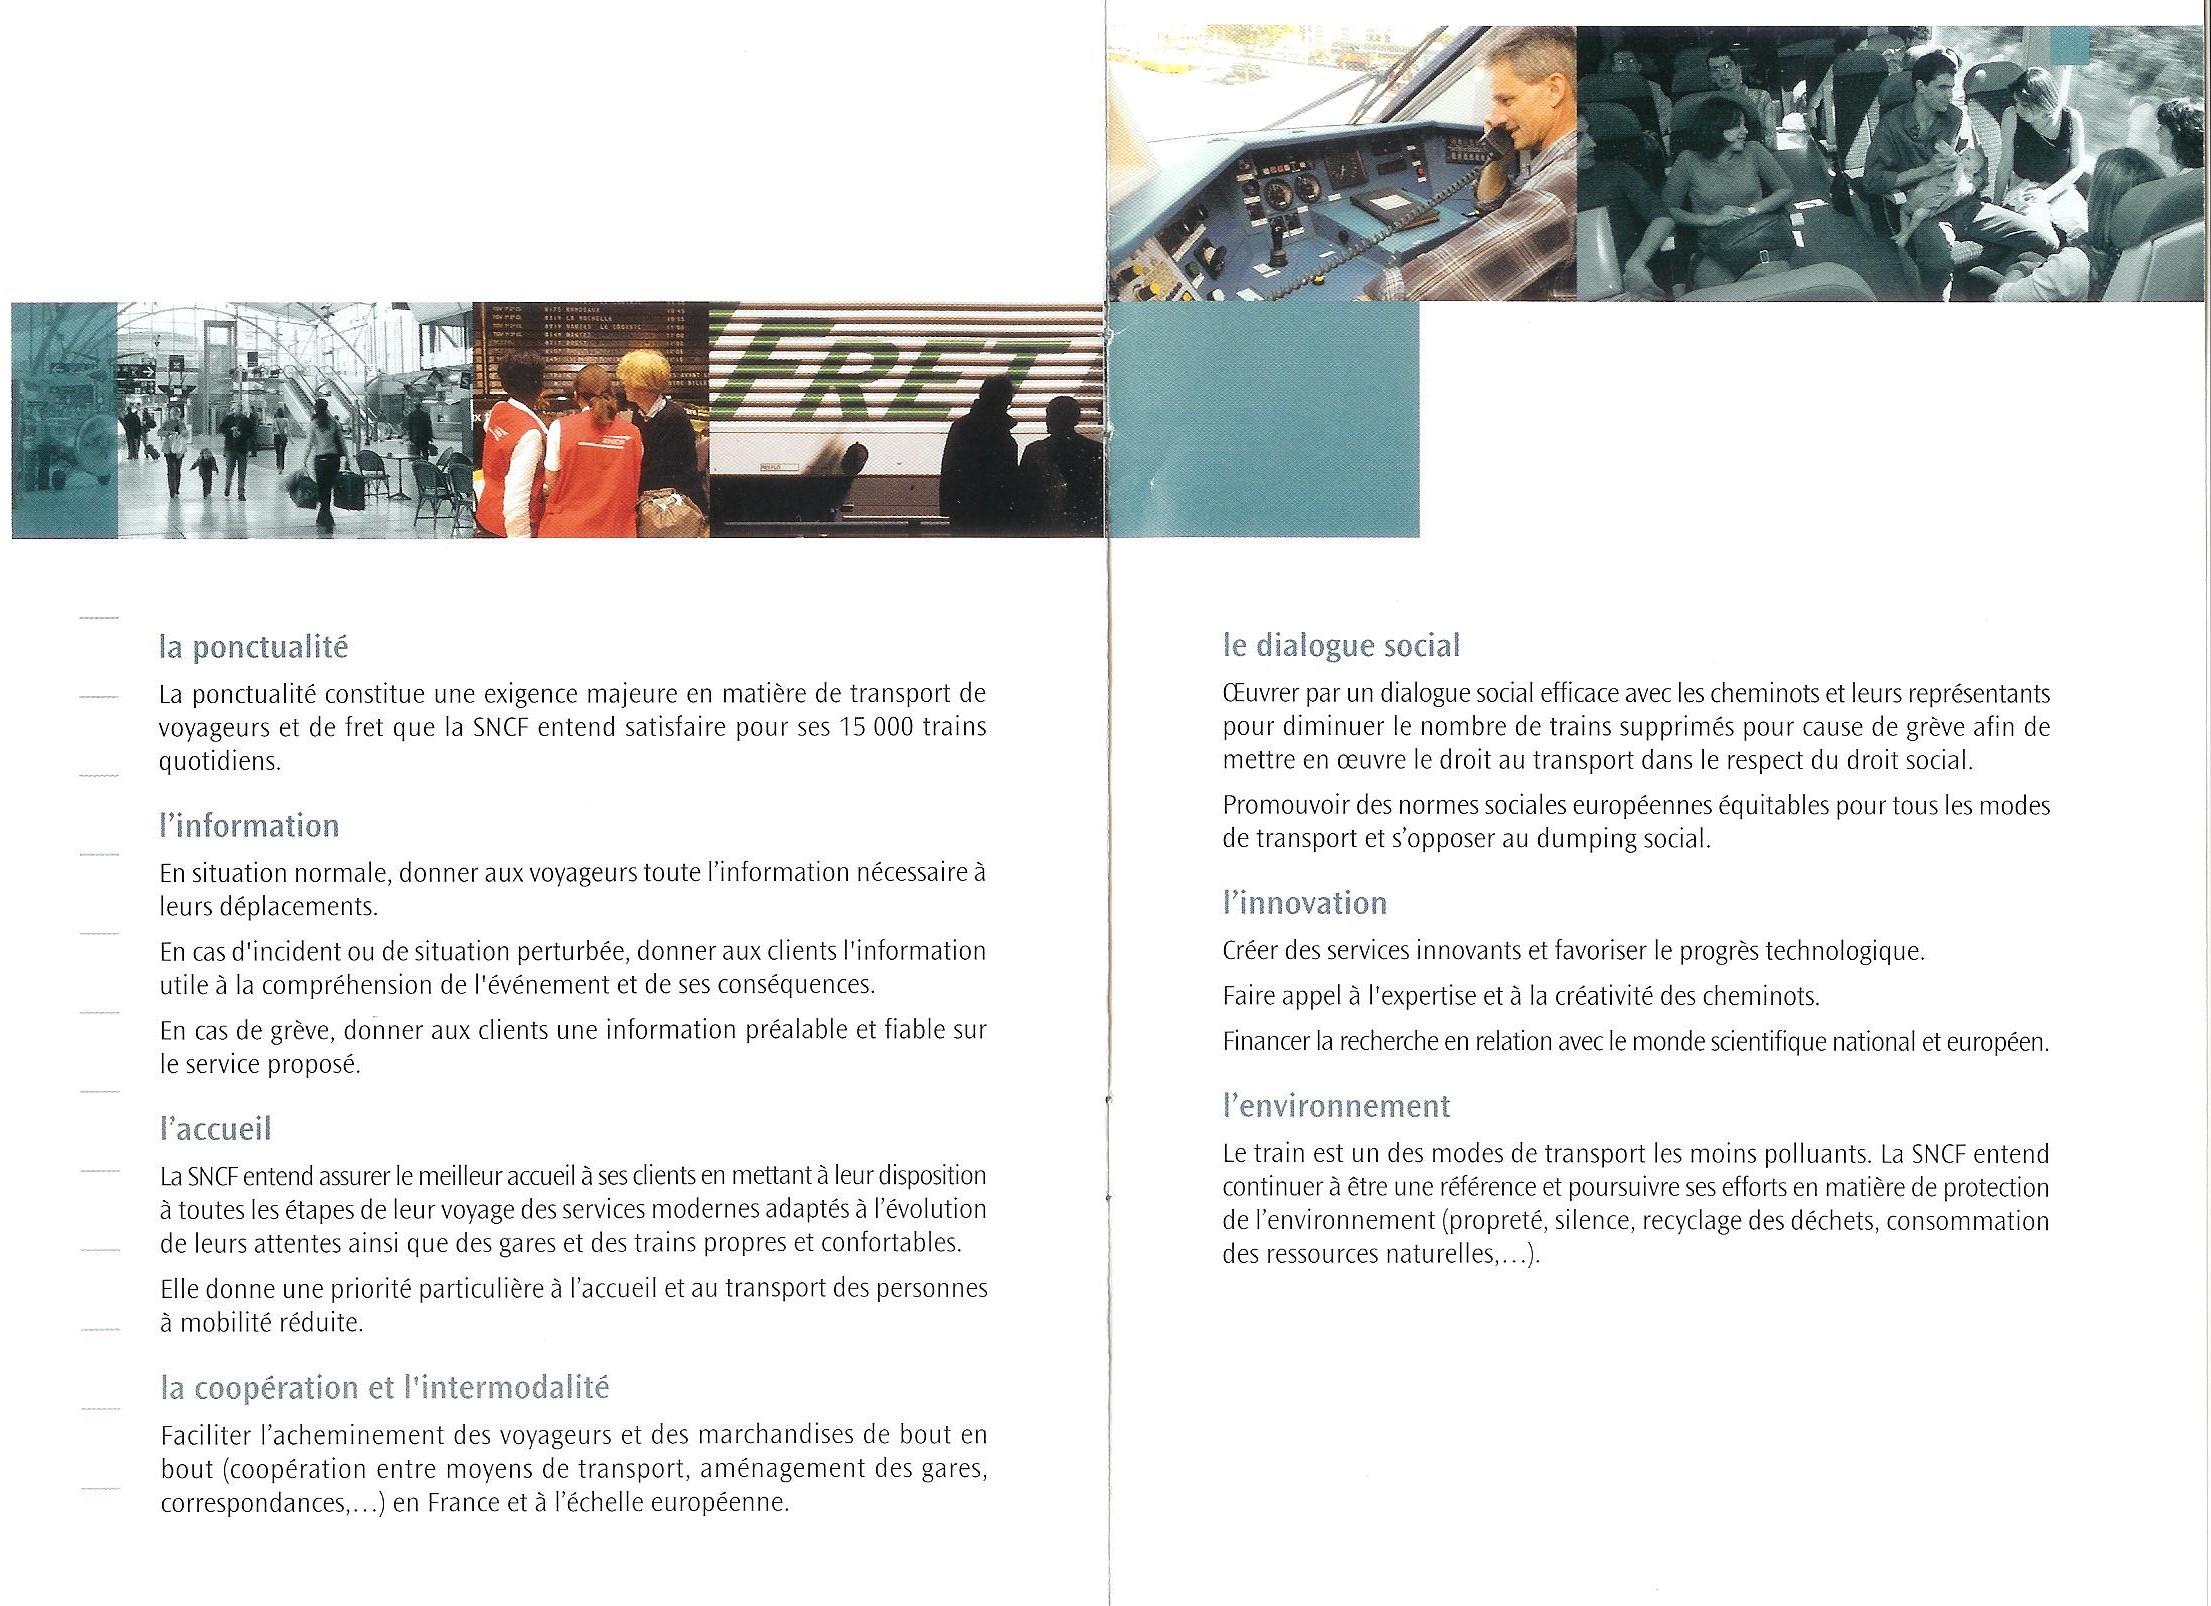 charte-du-service-public-sncf-6-7-2004-10